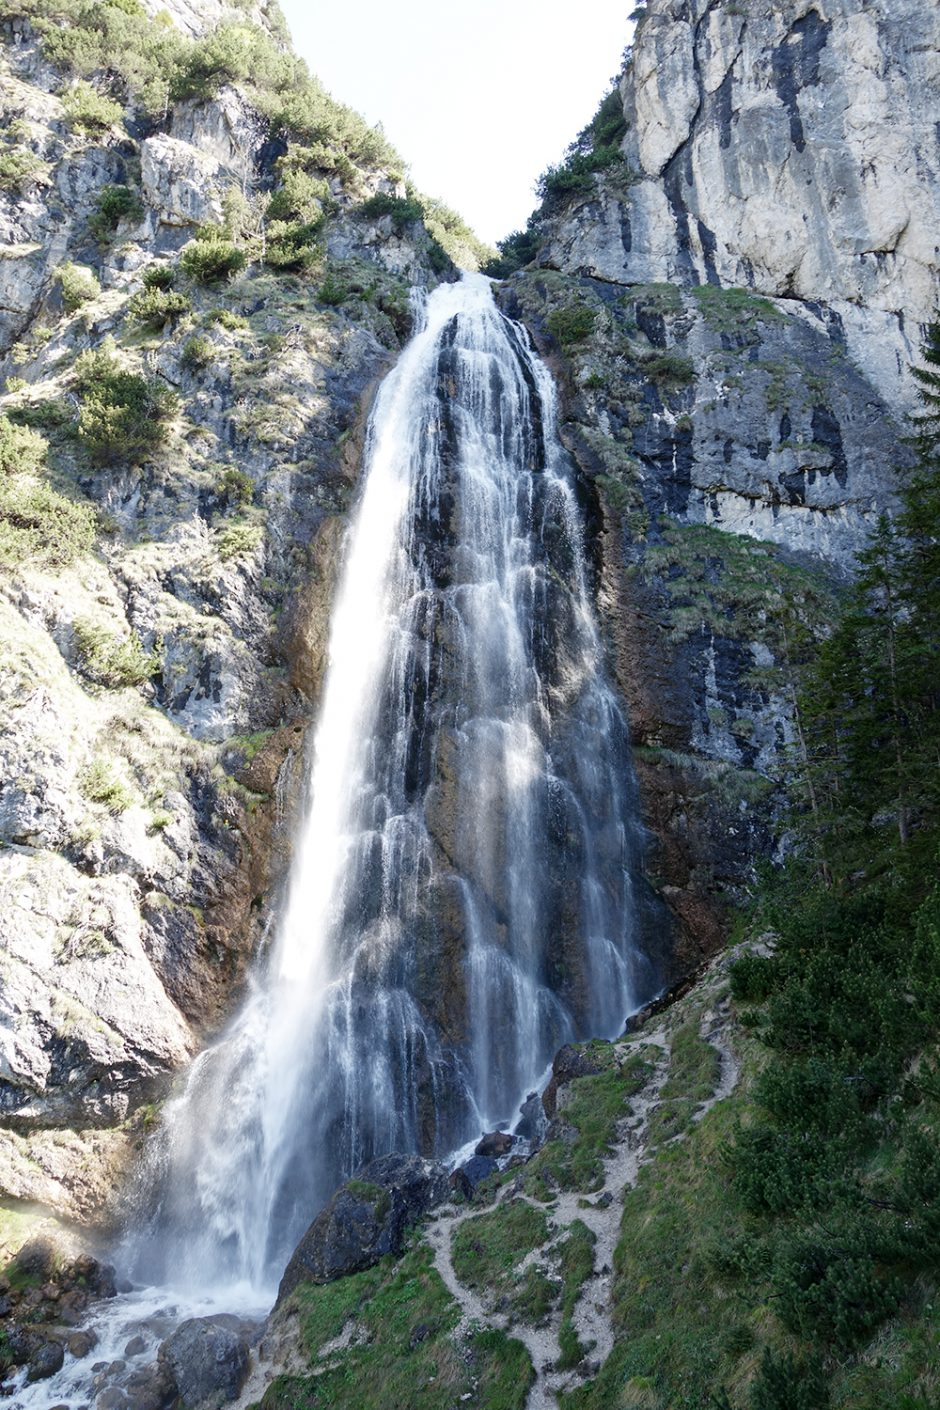 wildandfit-wandern-dalfazer-wasserfall-klettersteig-hochiss-achensee-rofan-6